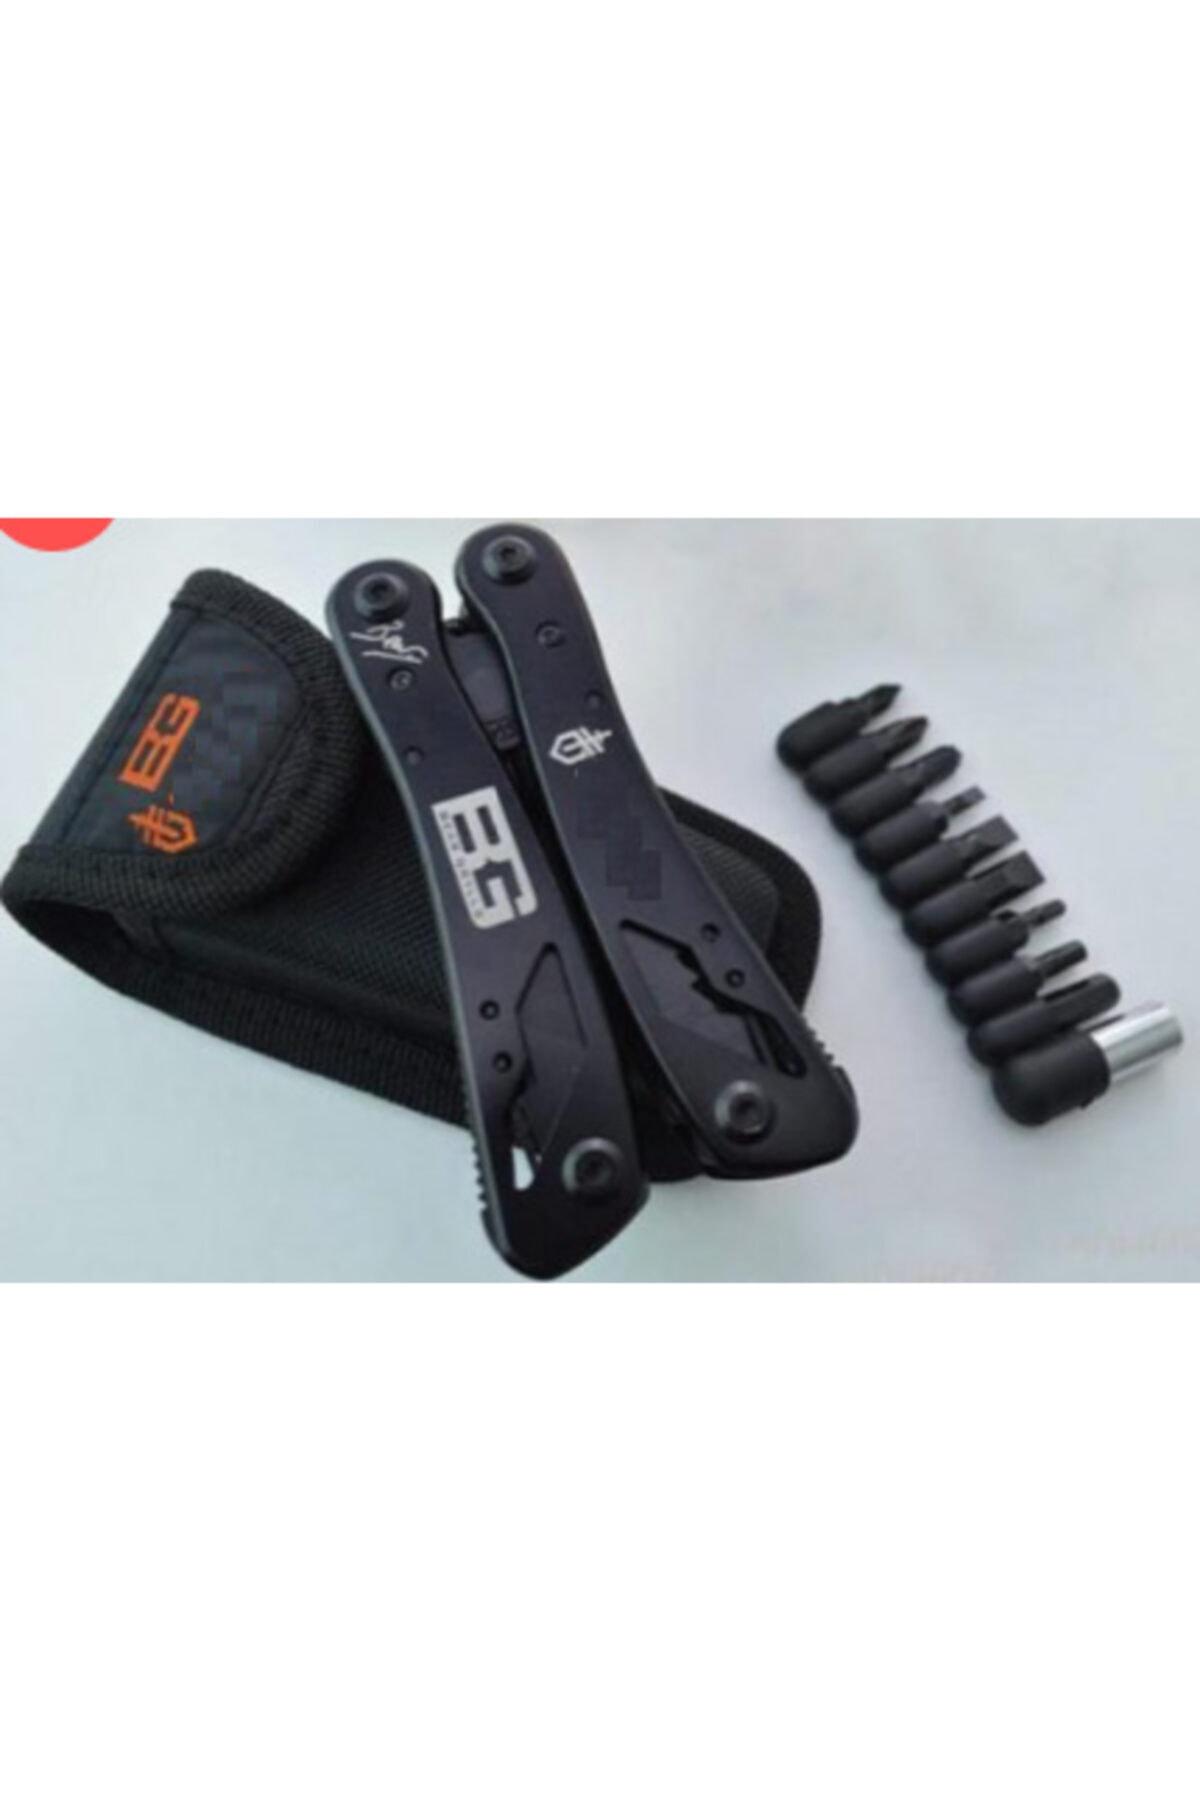 BG Bear Grylls Çakı Bıçak Tornavida Bileyici Kesici Anahtar Özellikli Fonksiyonlu Pense 2